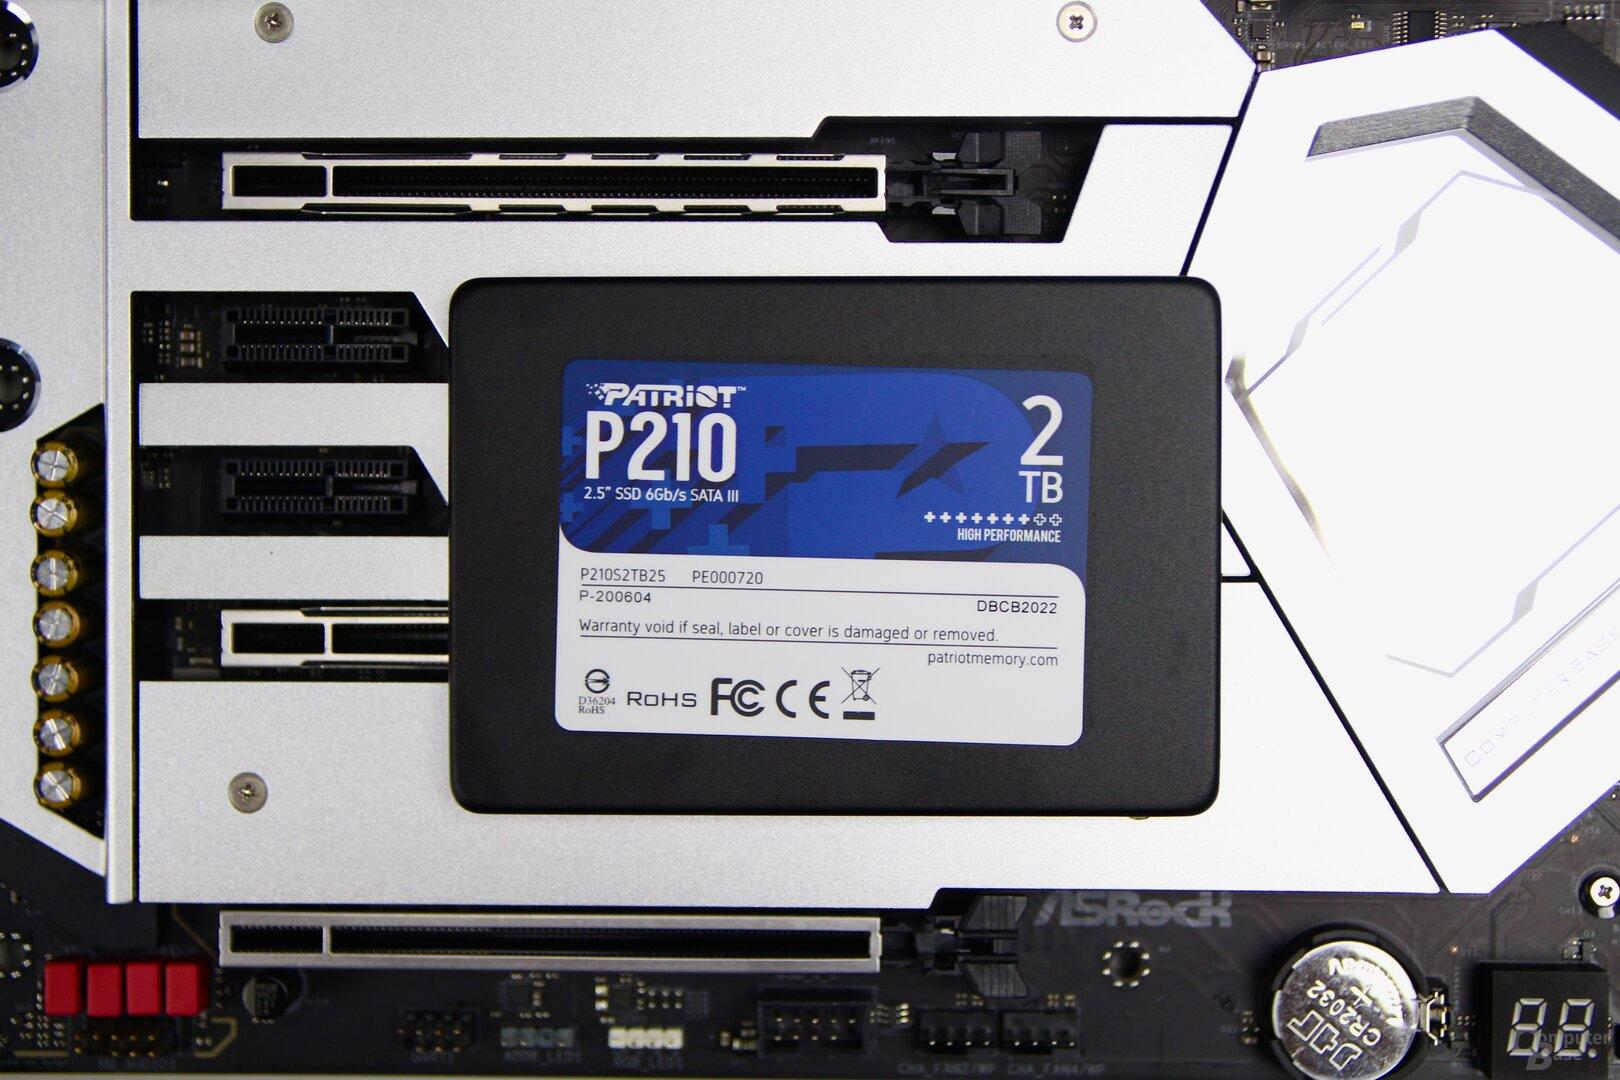 Die Patriot P210 SSD mit 2 TB im Test